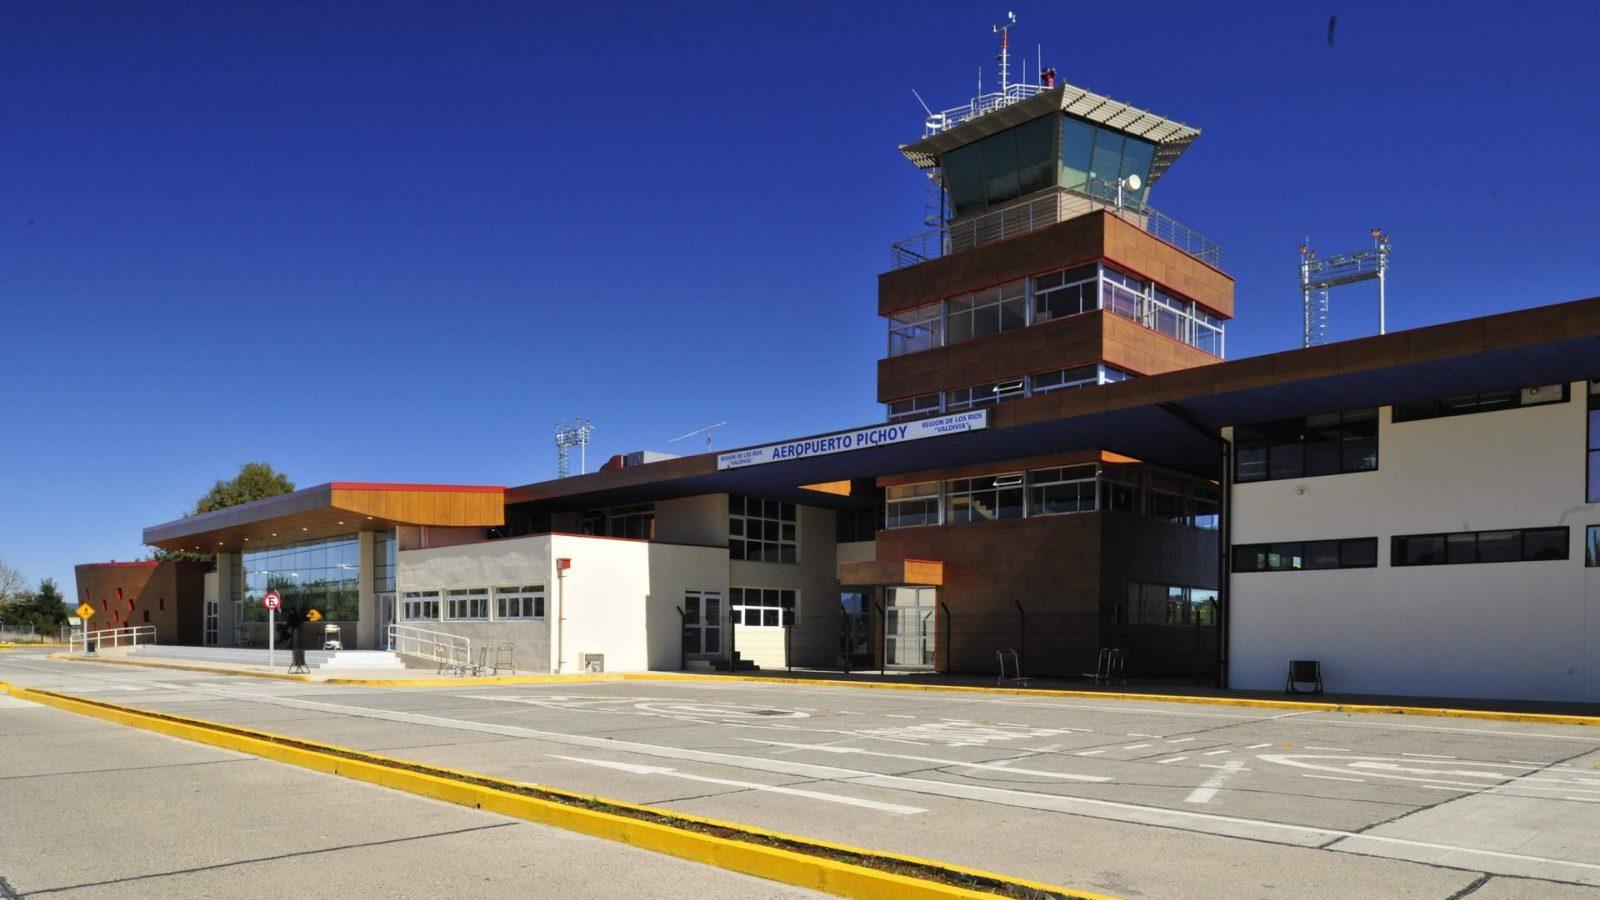 aeropuerto_pichoy_25062019